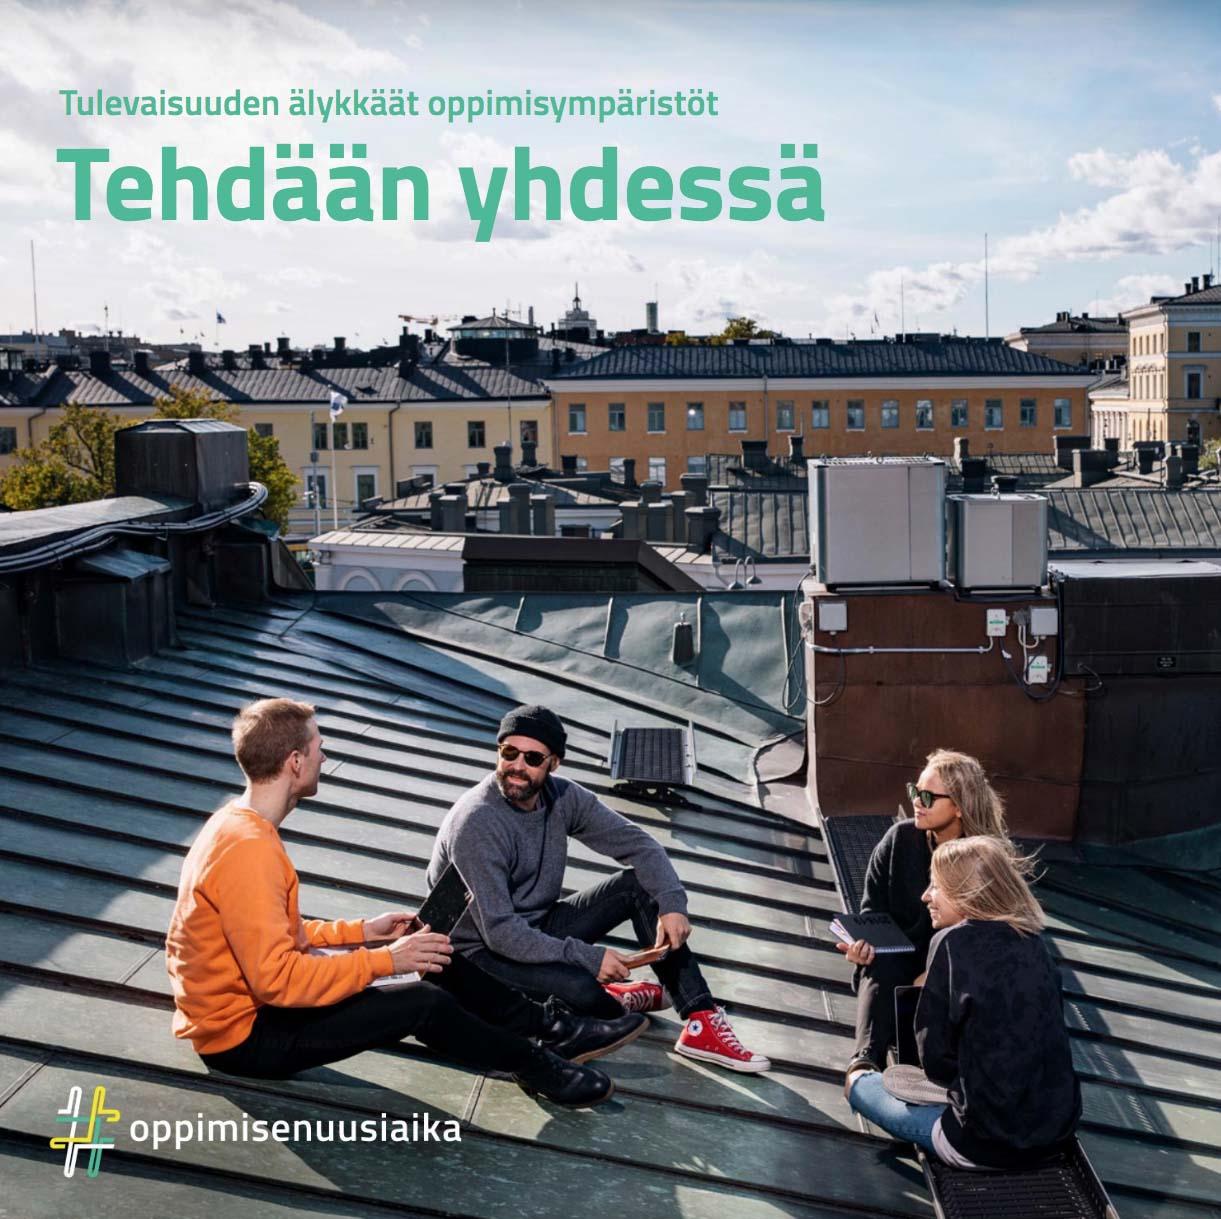 Cover for article 'Tulevaisuuden älykkäät oppimisympäristöt tehdään yhdessä'